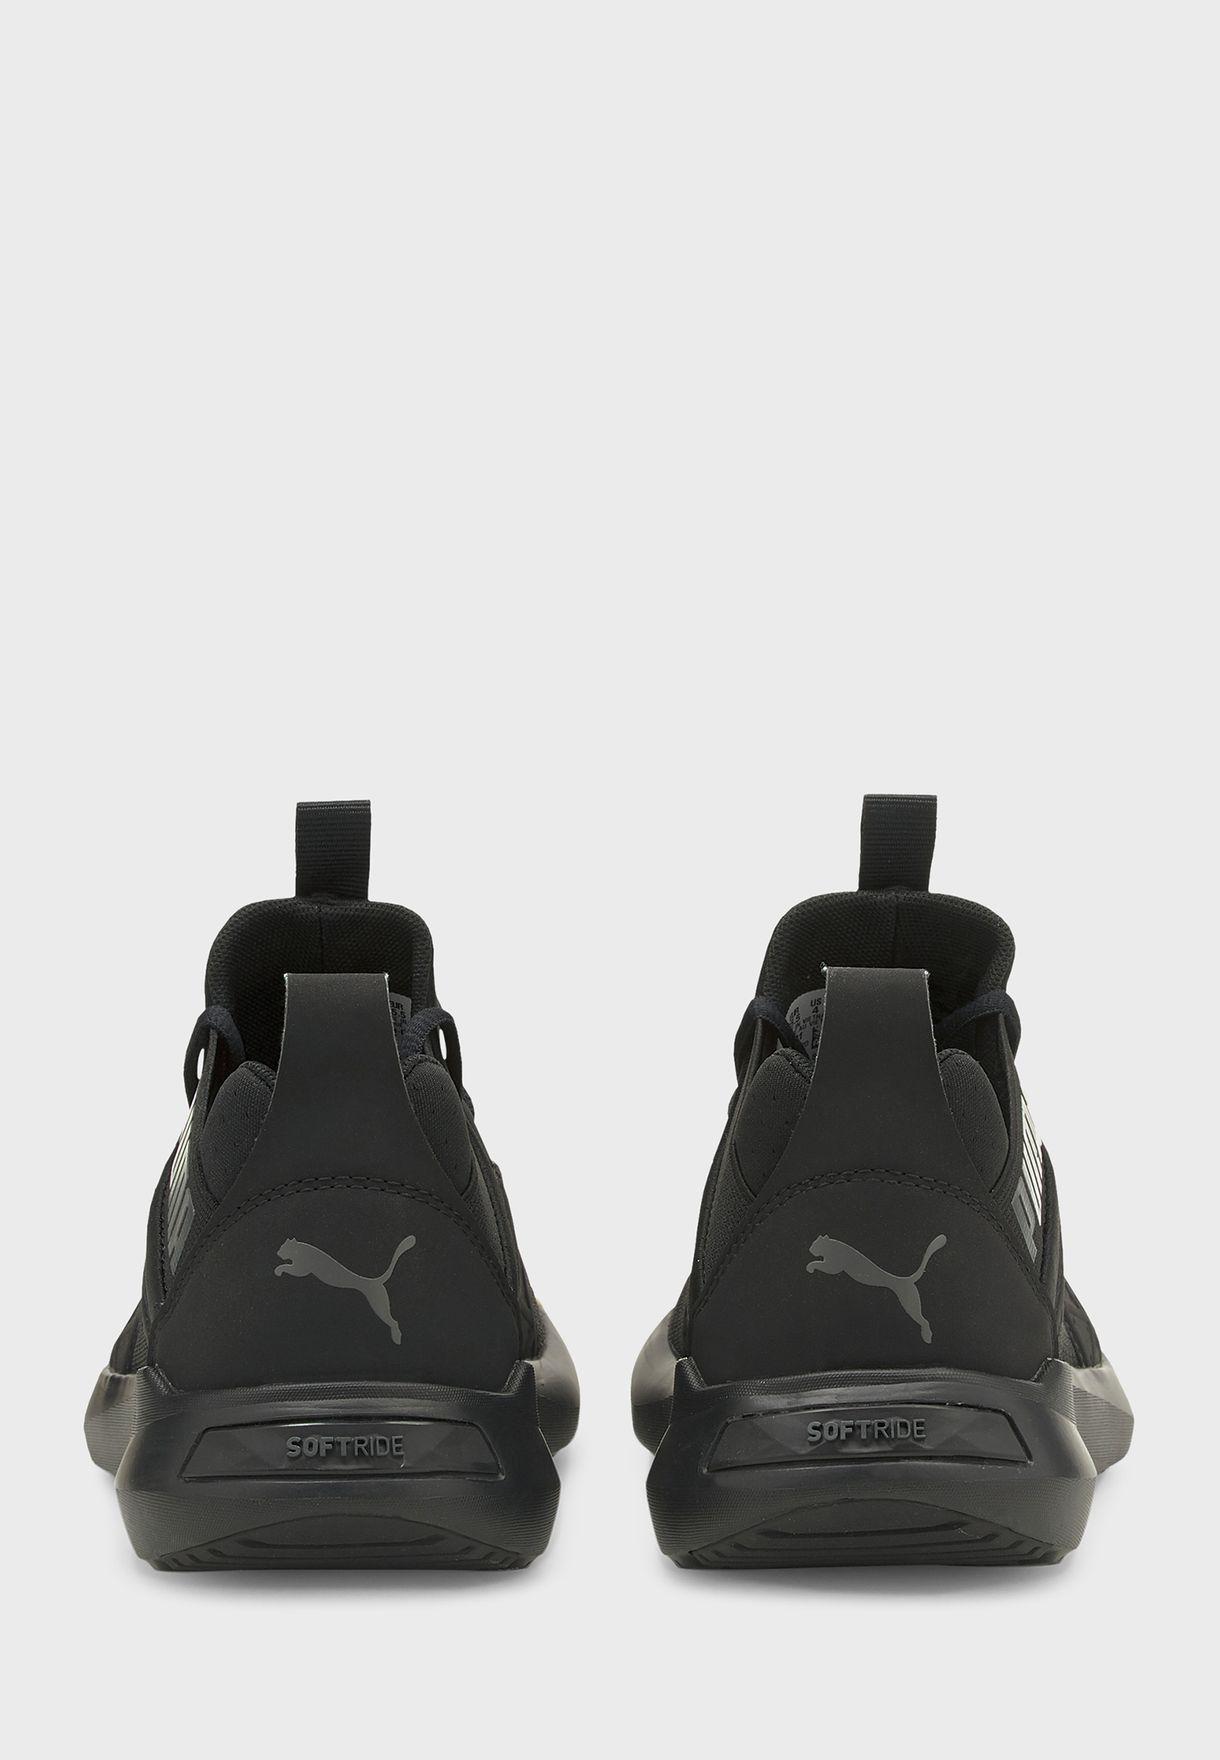 حذاء سوفترايد انزو ان اكس تي